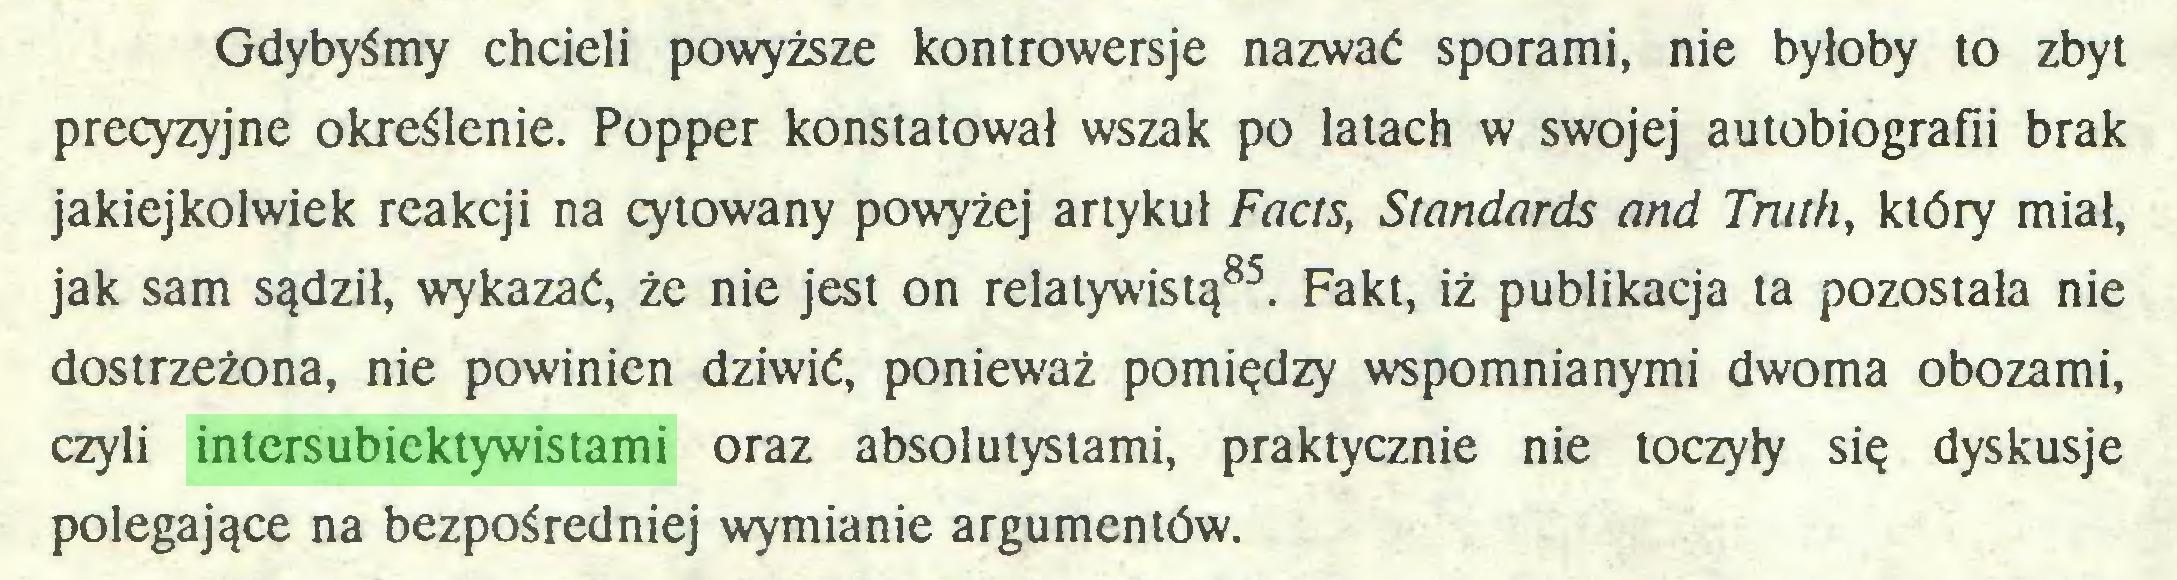 (...) Gdybyśmy chcieli powyższe kontrowersje nazwać sporami, nie byłoby to zbyt precyzyjne określenie. Popper konstatował wszak po latach w swojej autobiografii brak jakiejkolwiek reakcji na cytowany powyżej artykuł Facts, Standards and Truth, który miał, jak sam sądził, wykazać, że nie jest on relatywistą85. Fakt, iż publikacja ta pozostała nie dostrzeżona, nie powinien dziwić, ponieważ pomiędzy wspomnianymi dwoma obozami, czyli intersubiektywistami oraz absolutystami, praktycznie nie toczyły się dyskusje polegające na bezpośredniej wymianie argumentów...